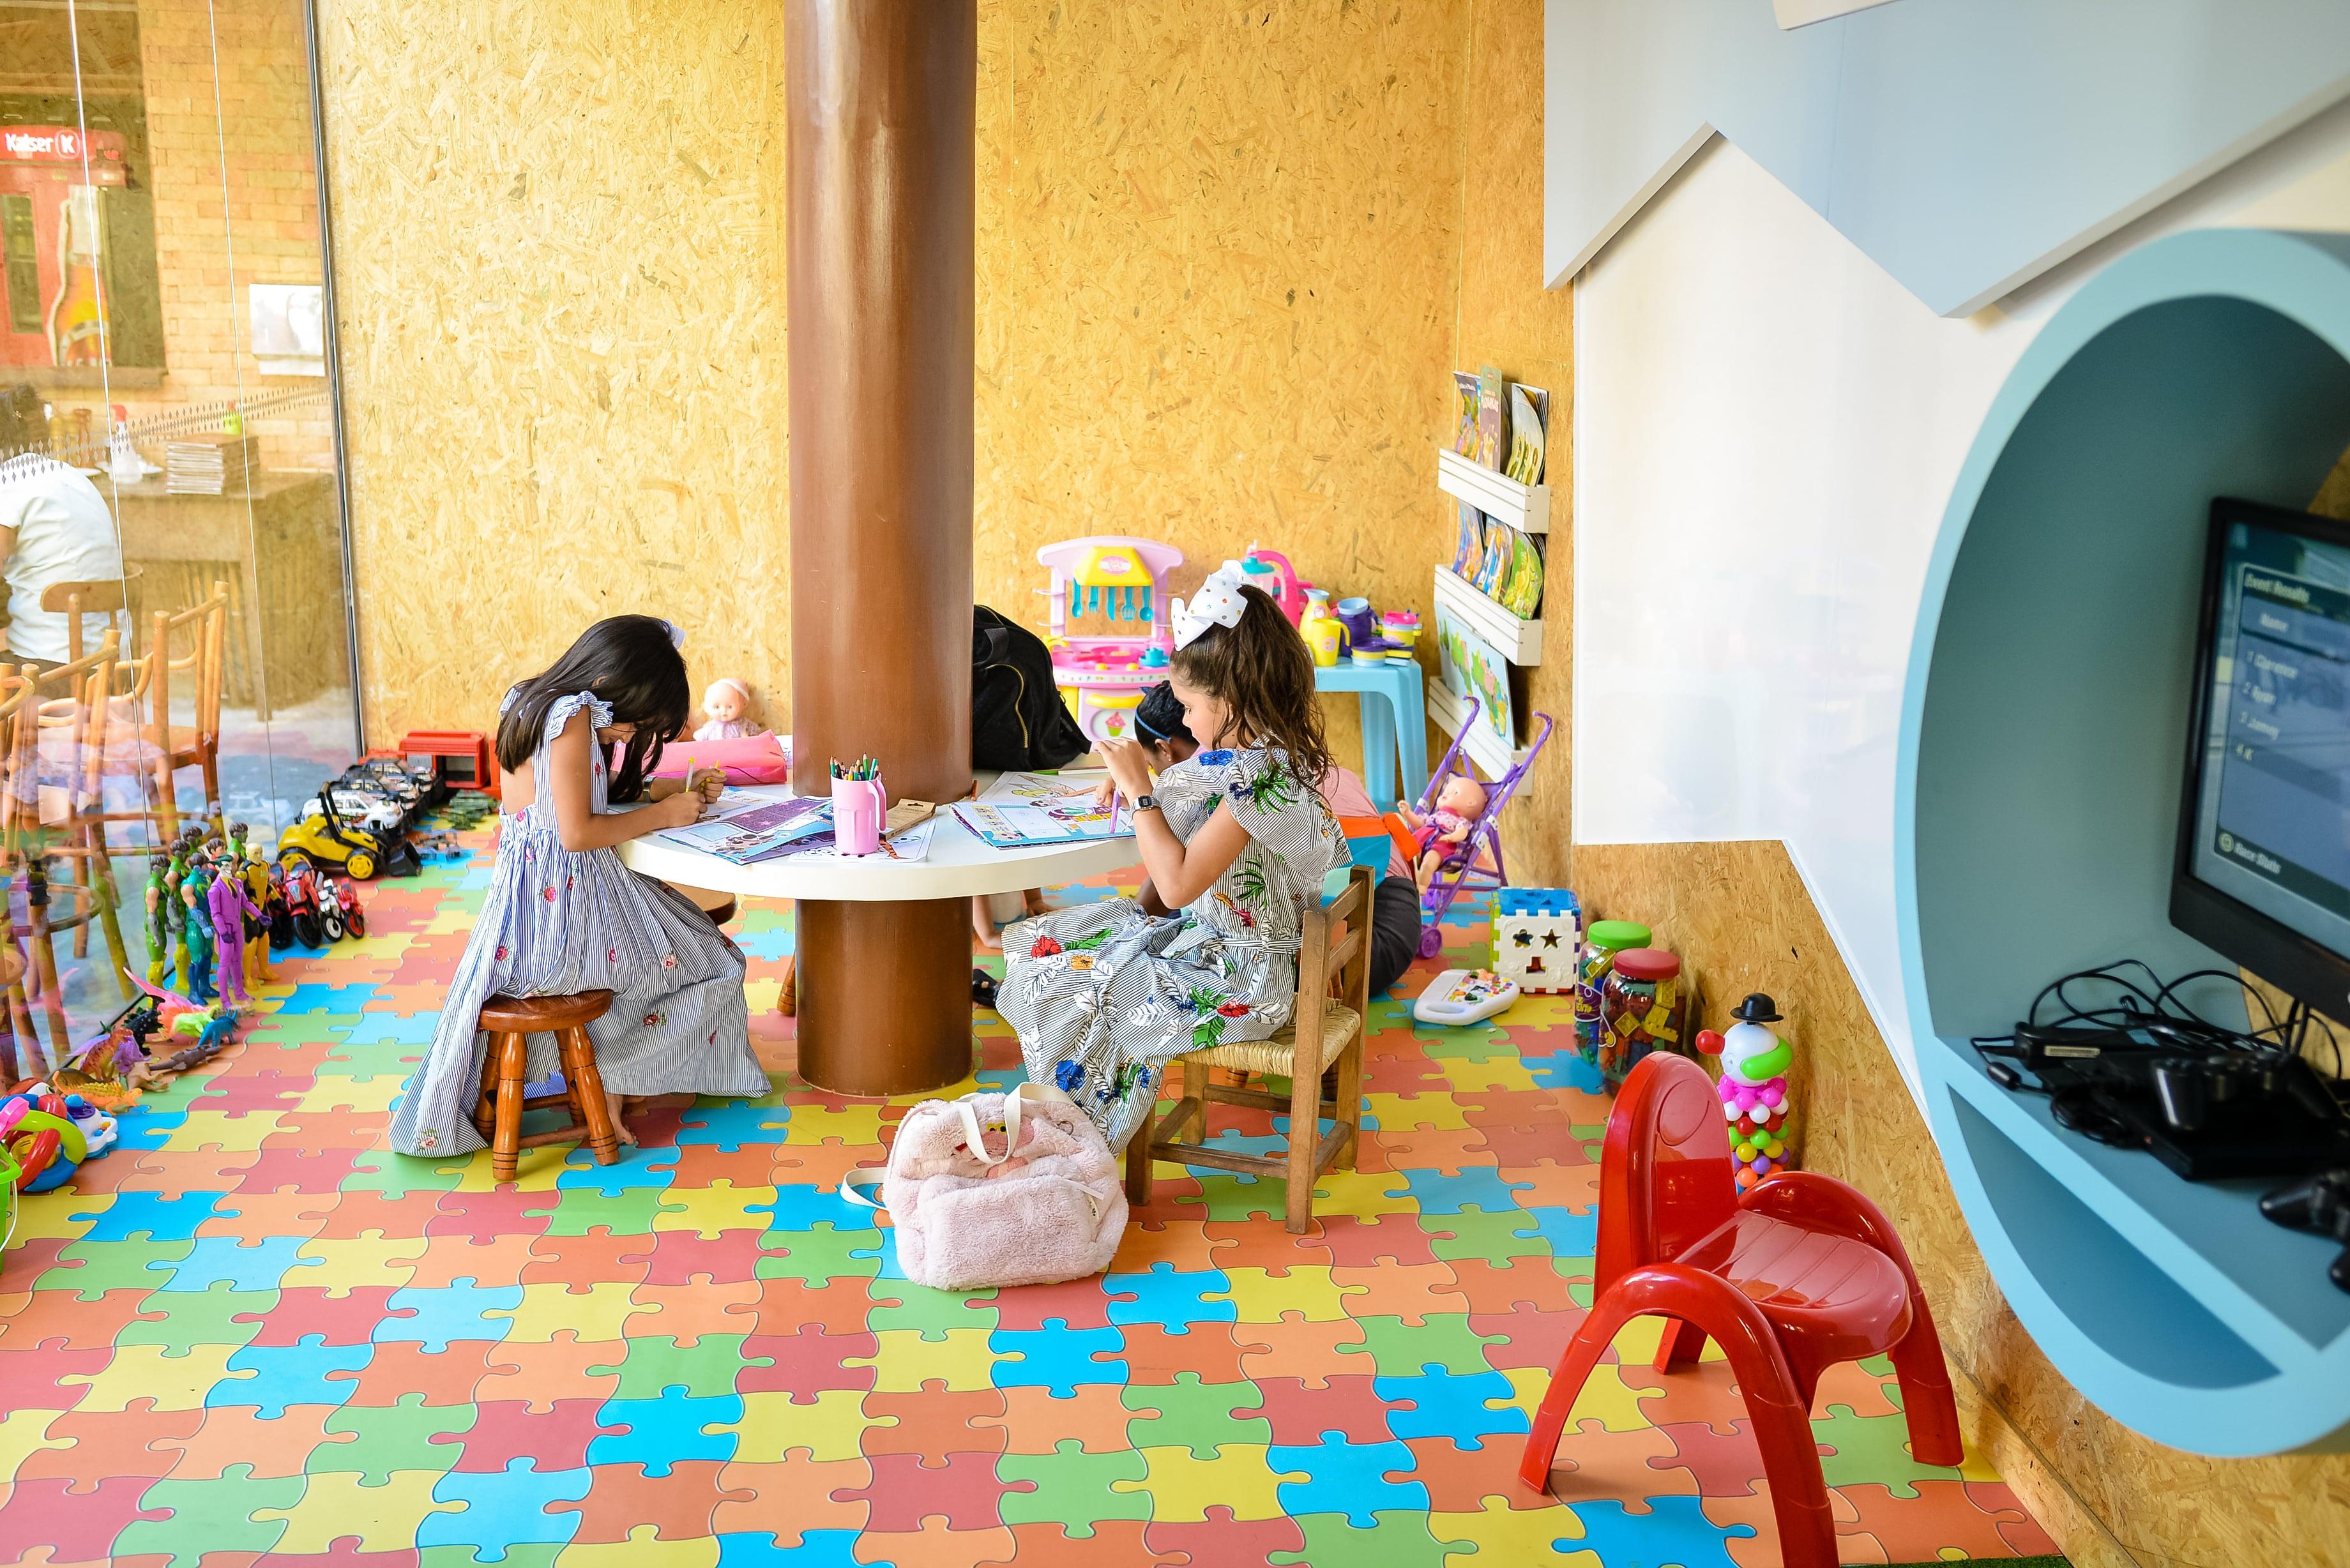 Ingresso Infantil (4 a 8 anos) para Réveillon no Vignoli da Virgílio Távora por apenas R$100 por pessoa com R$50 de consumação inclusos